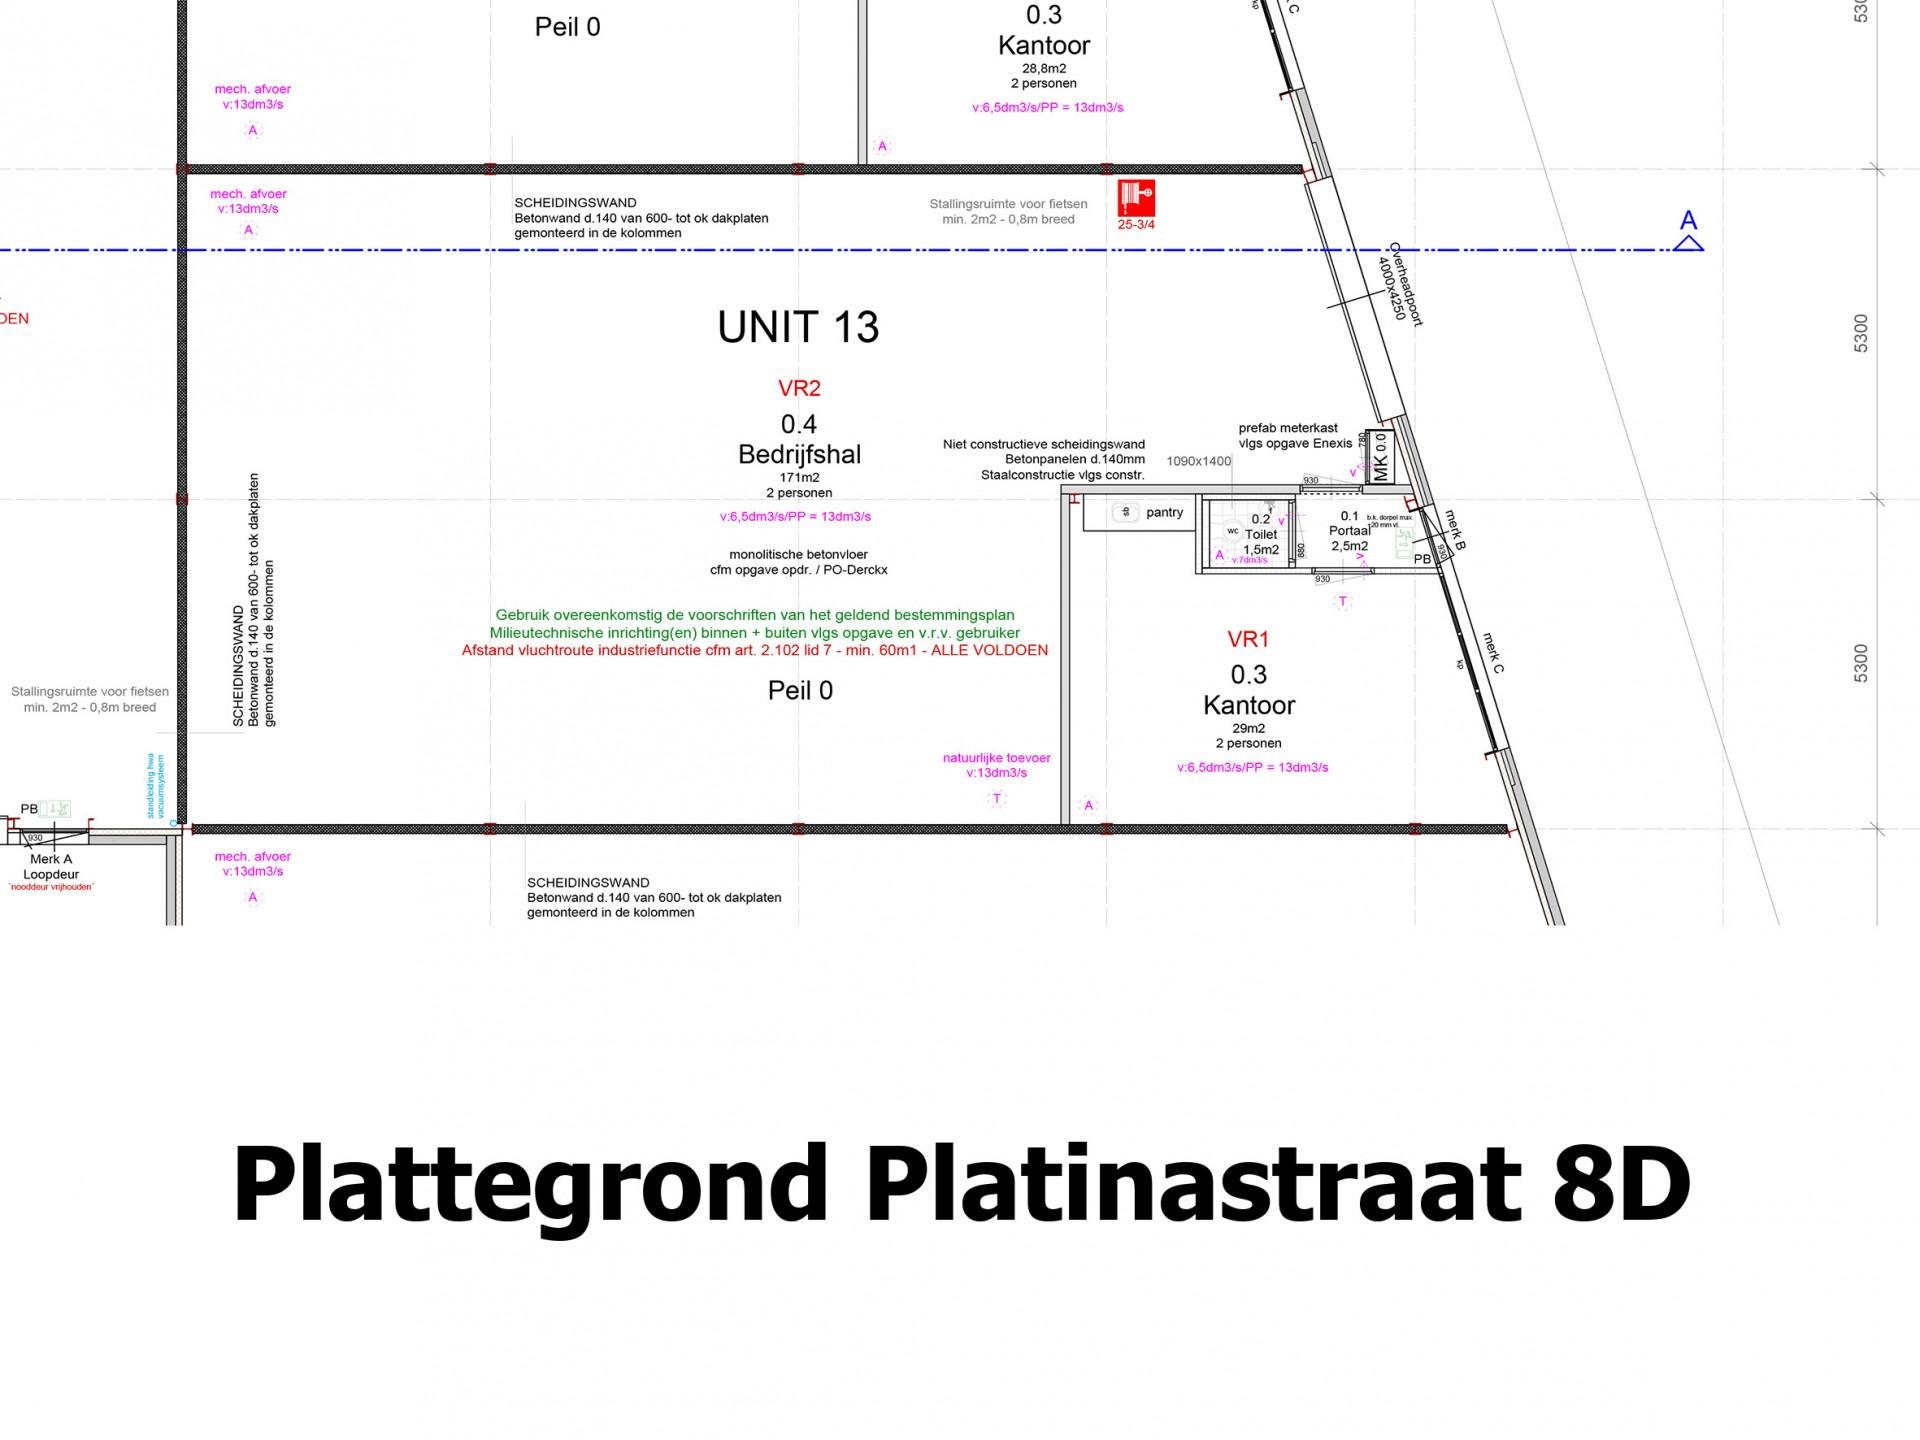 Plattegrond Platinastraat 8 D